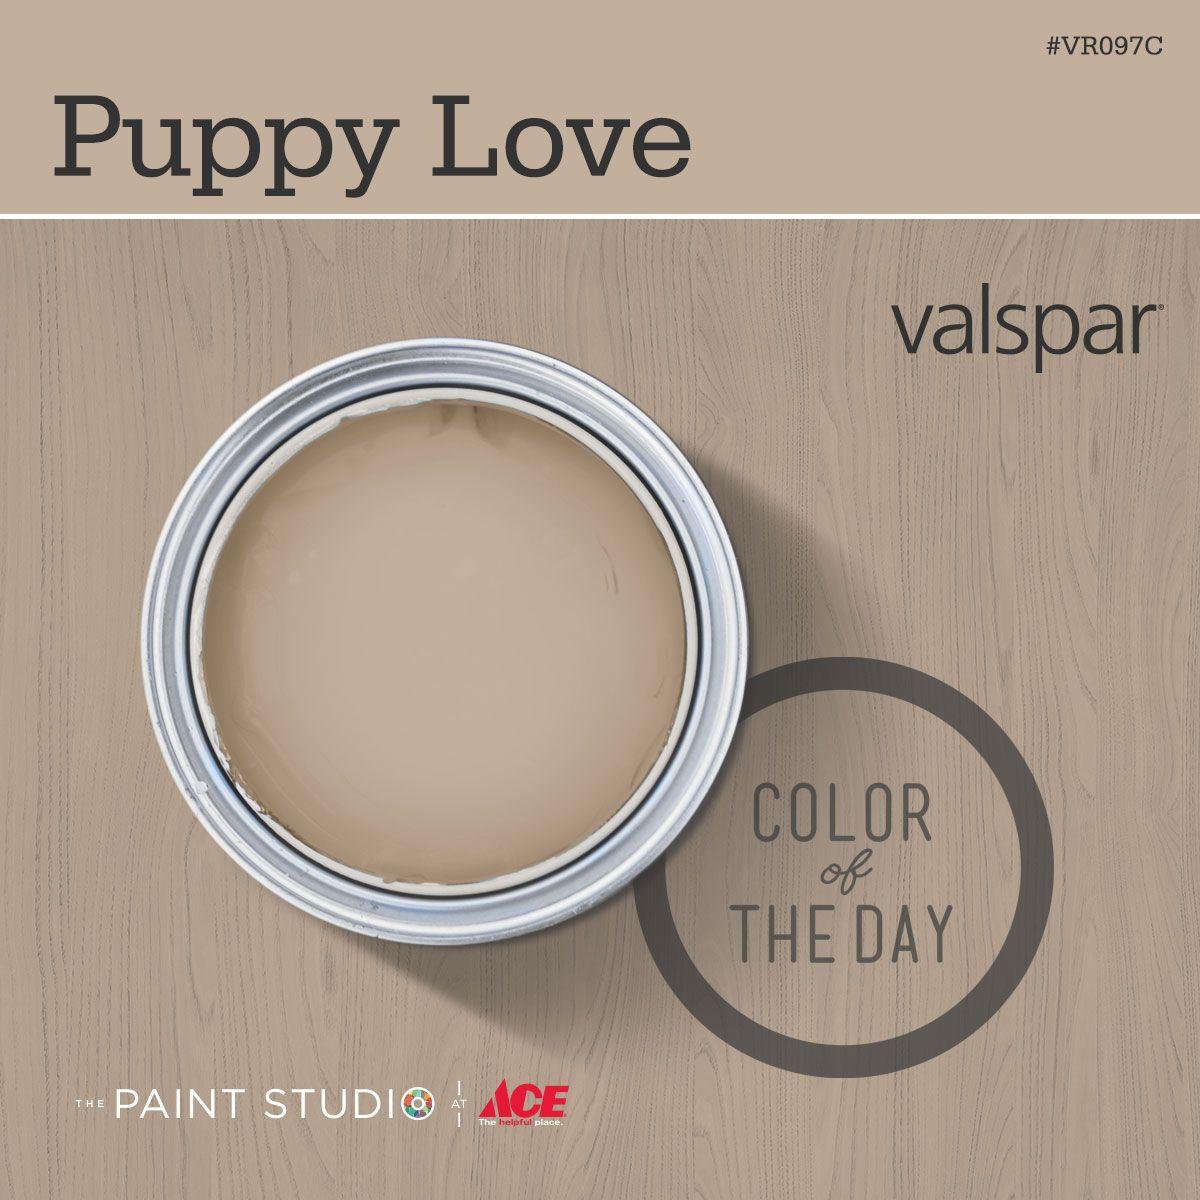 100 Spanish Tile Valspar 2017 Valspar Color Of The Day